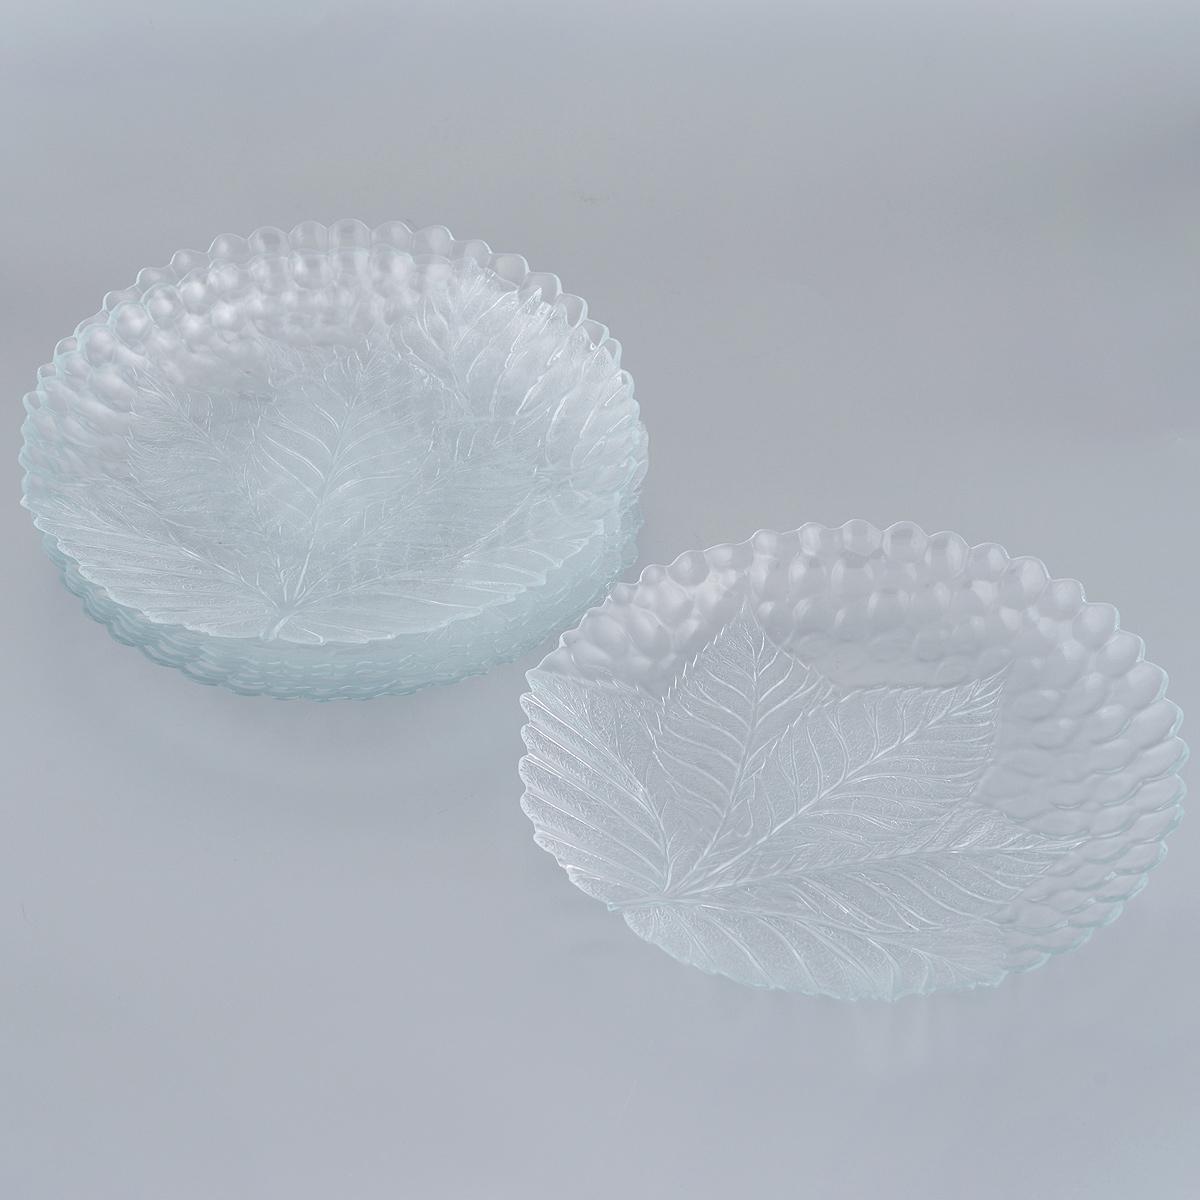 Набор тарелок Pasabahce Sultana, диаметр 24 см, 6 шт10288BНабор Pasabahce Sultana состоит из 6 тарелок, выполненных из закаленного прозрачного стекла и декорированы рельефным узором в виде листьев. Изделия предназначены для красивой сервировки различных блюд. Тарелки сочетают в себе изысканный дизайн с максимальной функциональностью. Оригинальность оформления придется по вкусу и ценителям классики, и тем, кто предпочитает утонченность и изящность. Диаметр тарелок: 24 см. Высота тарелок: 2 см.